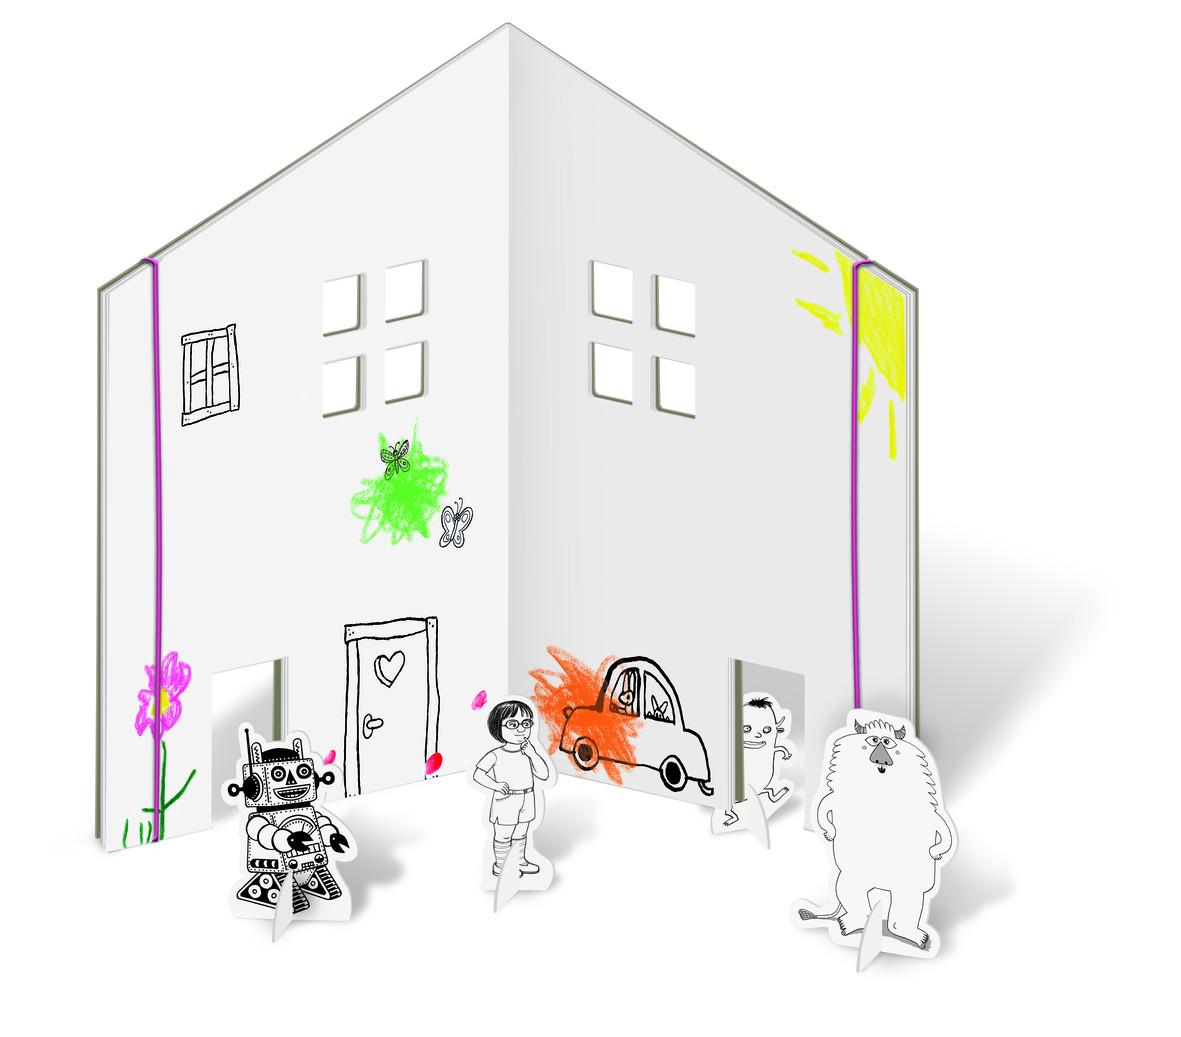 Ausgezeichnet Malbuch Haus Bilder - Malvorlagen Von Tieren - ngadi.info